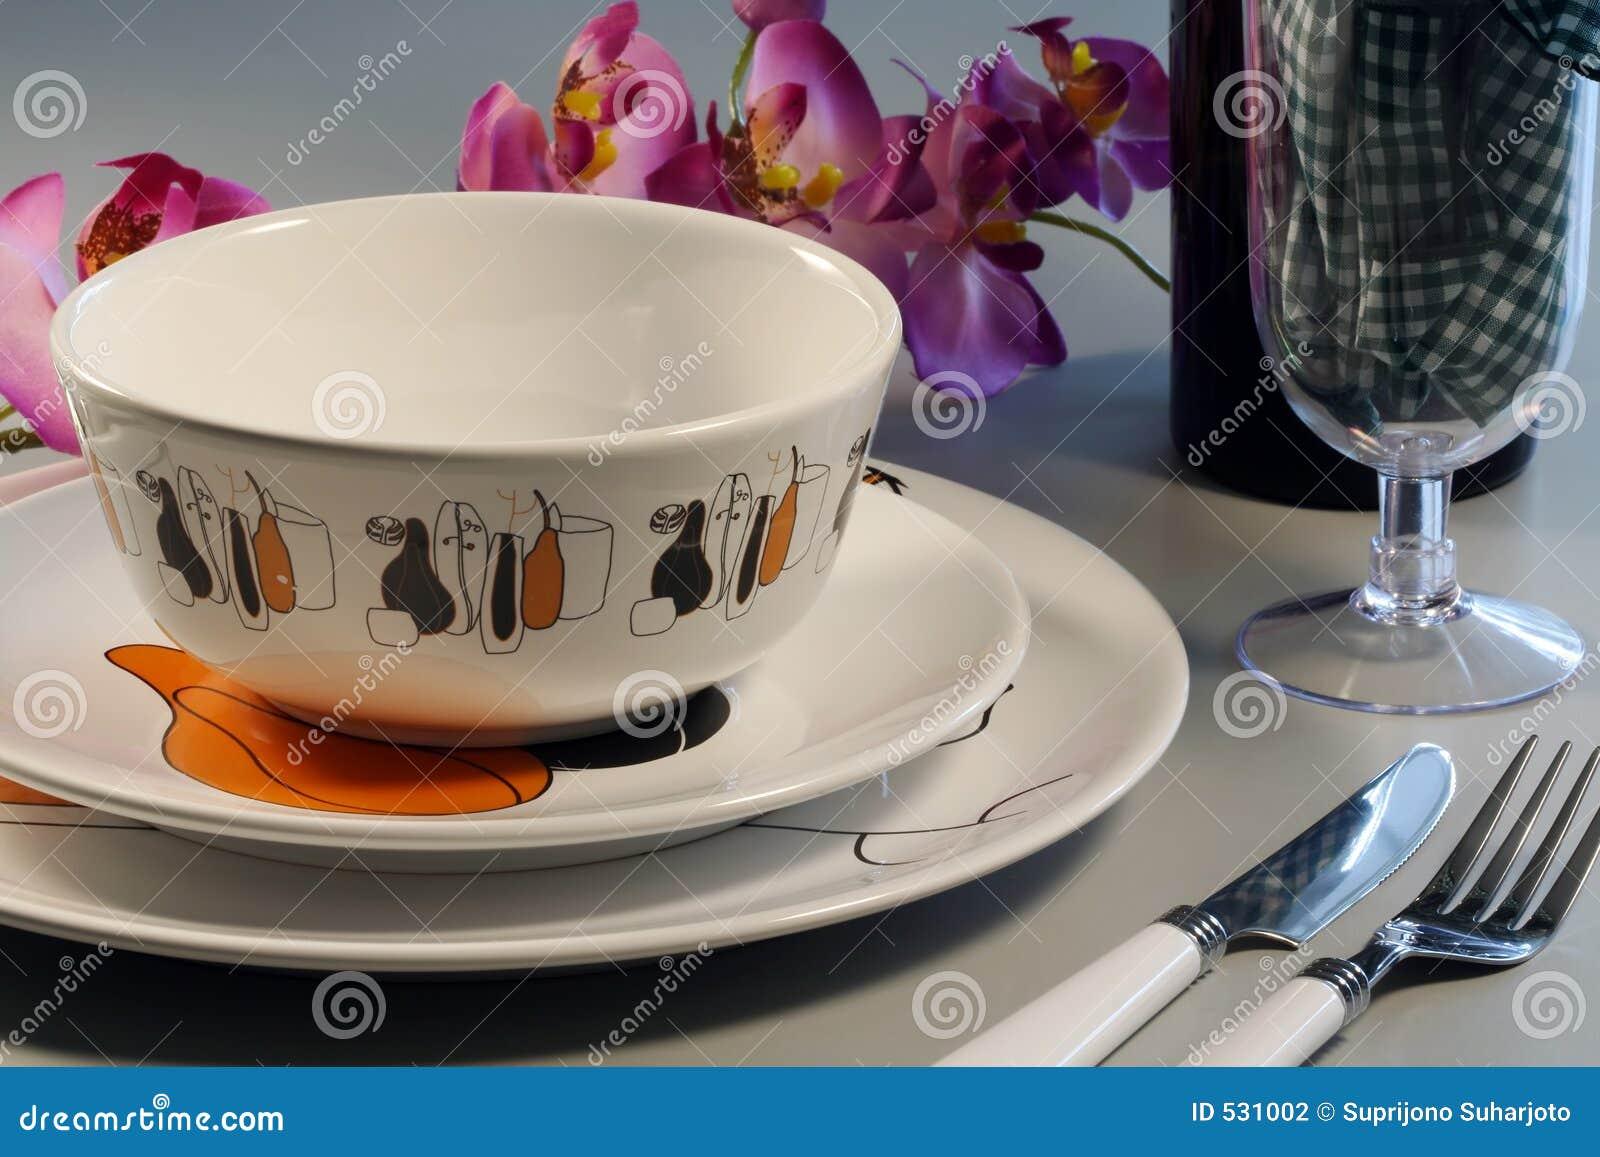 Download 用餐 库存照片. 图片 包括有 银器, 午餐, 牌照, 玻璃, 内部, 浪漫, 用餐, 弯脚的, 正餐 - 531002